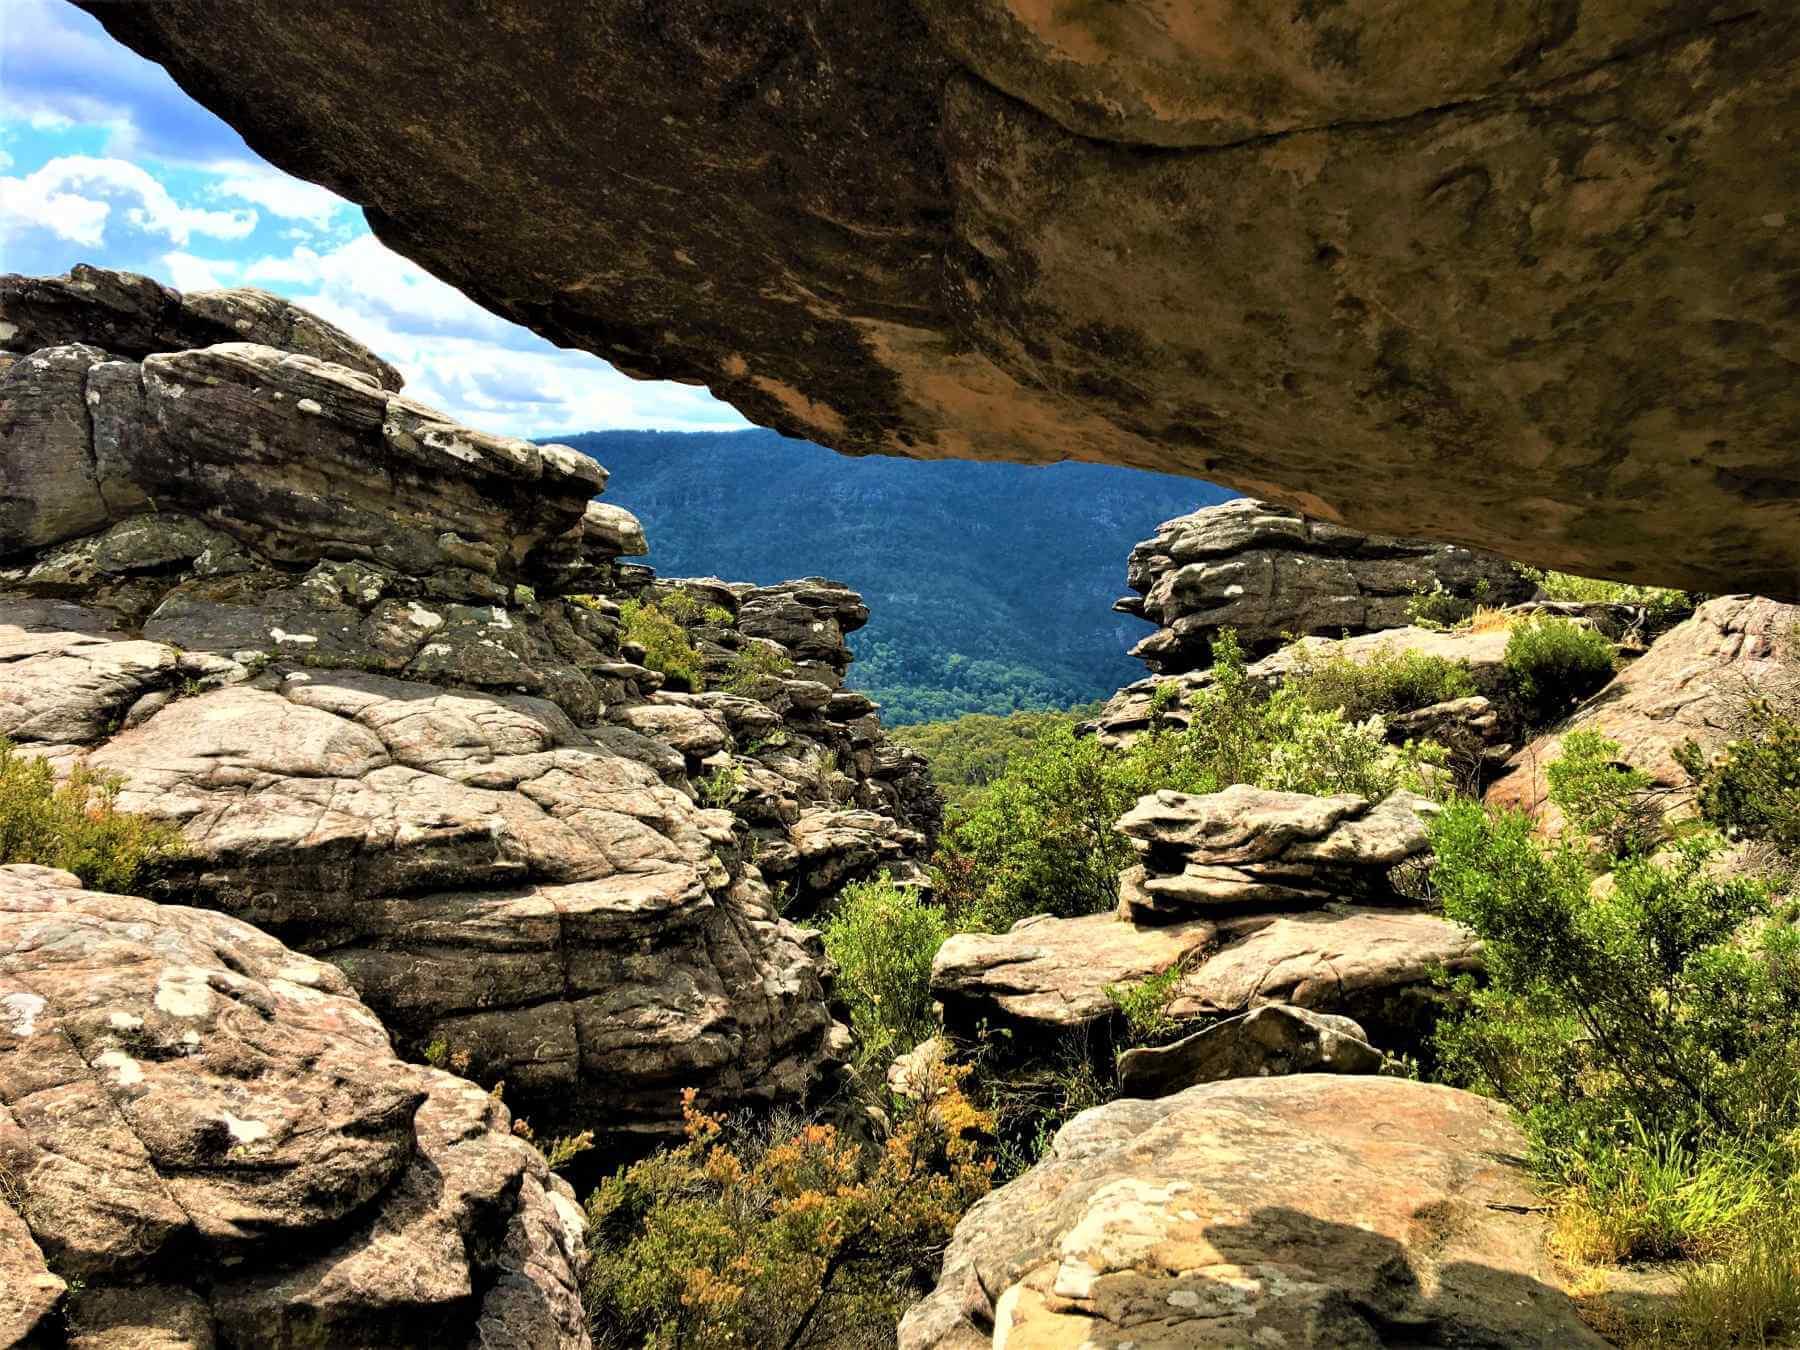 Felsen im Grampians National Park in Australien